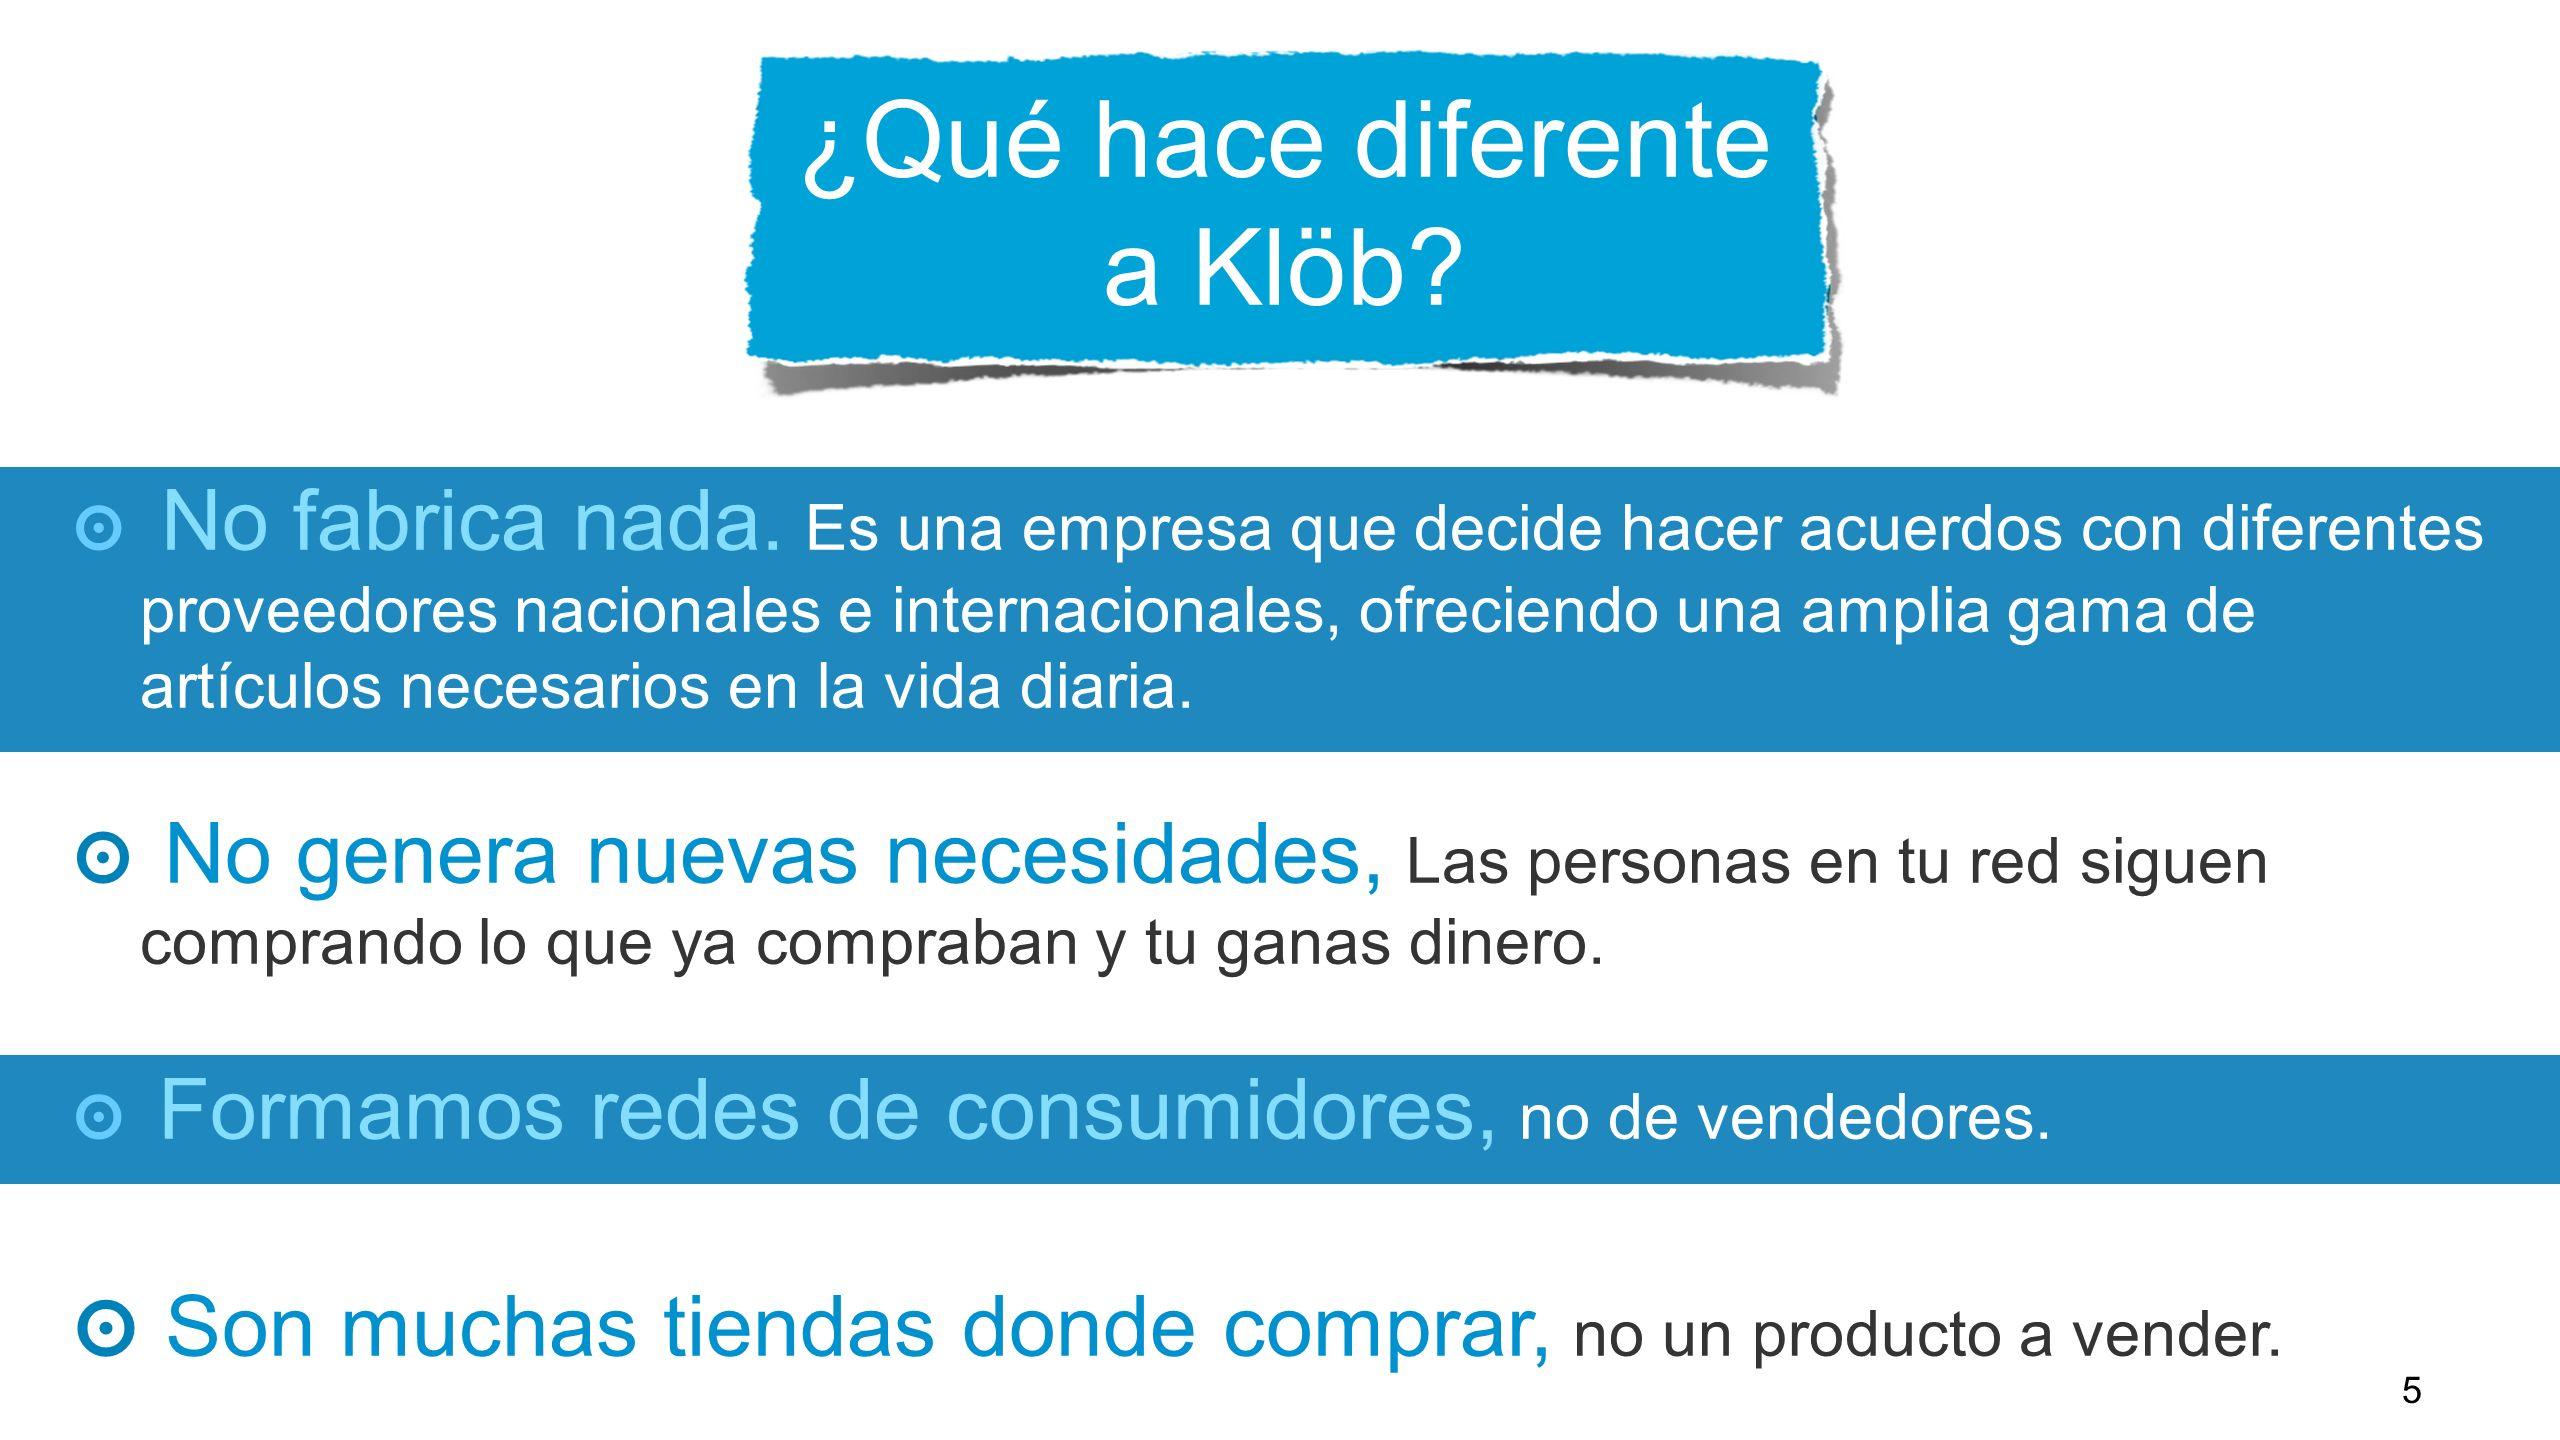 ¿Qué hace diferente a Klöb